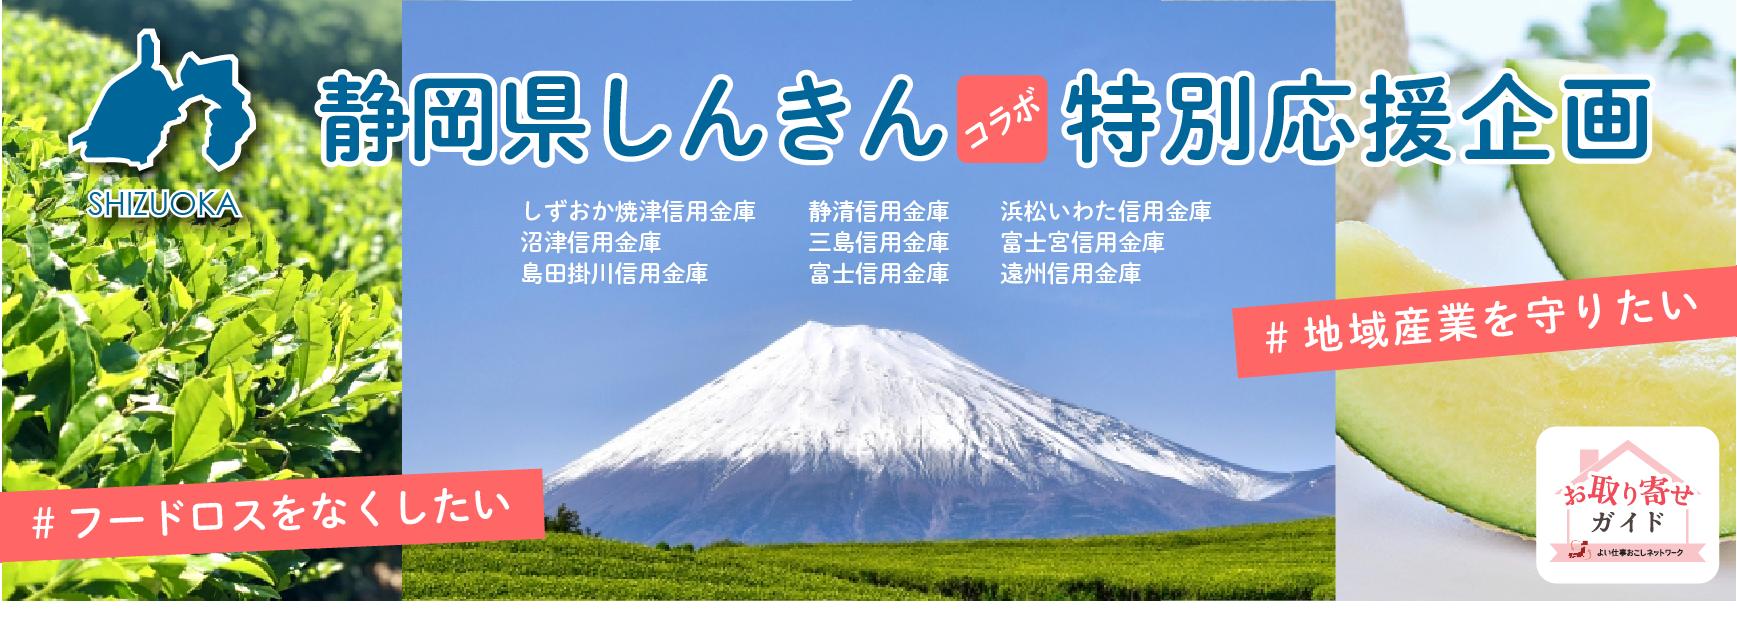 静岡県しんきんコラボ特別応援企画